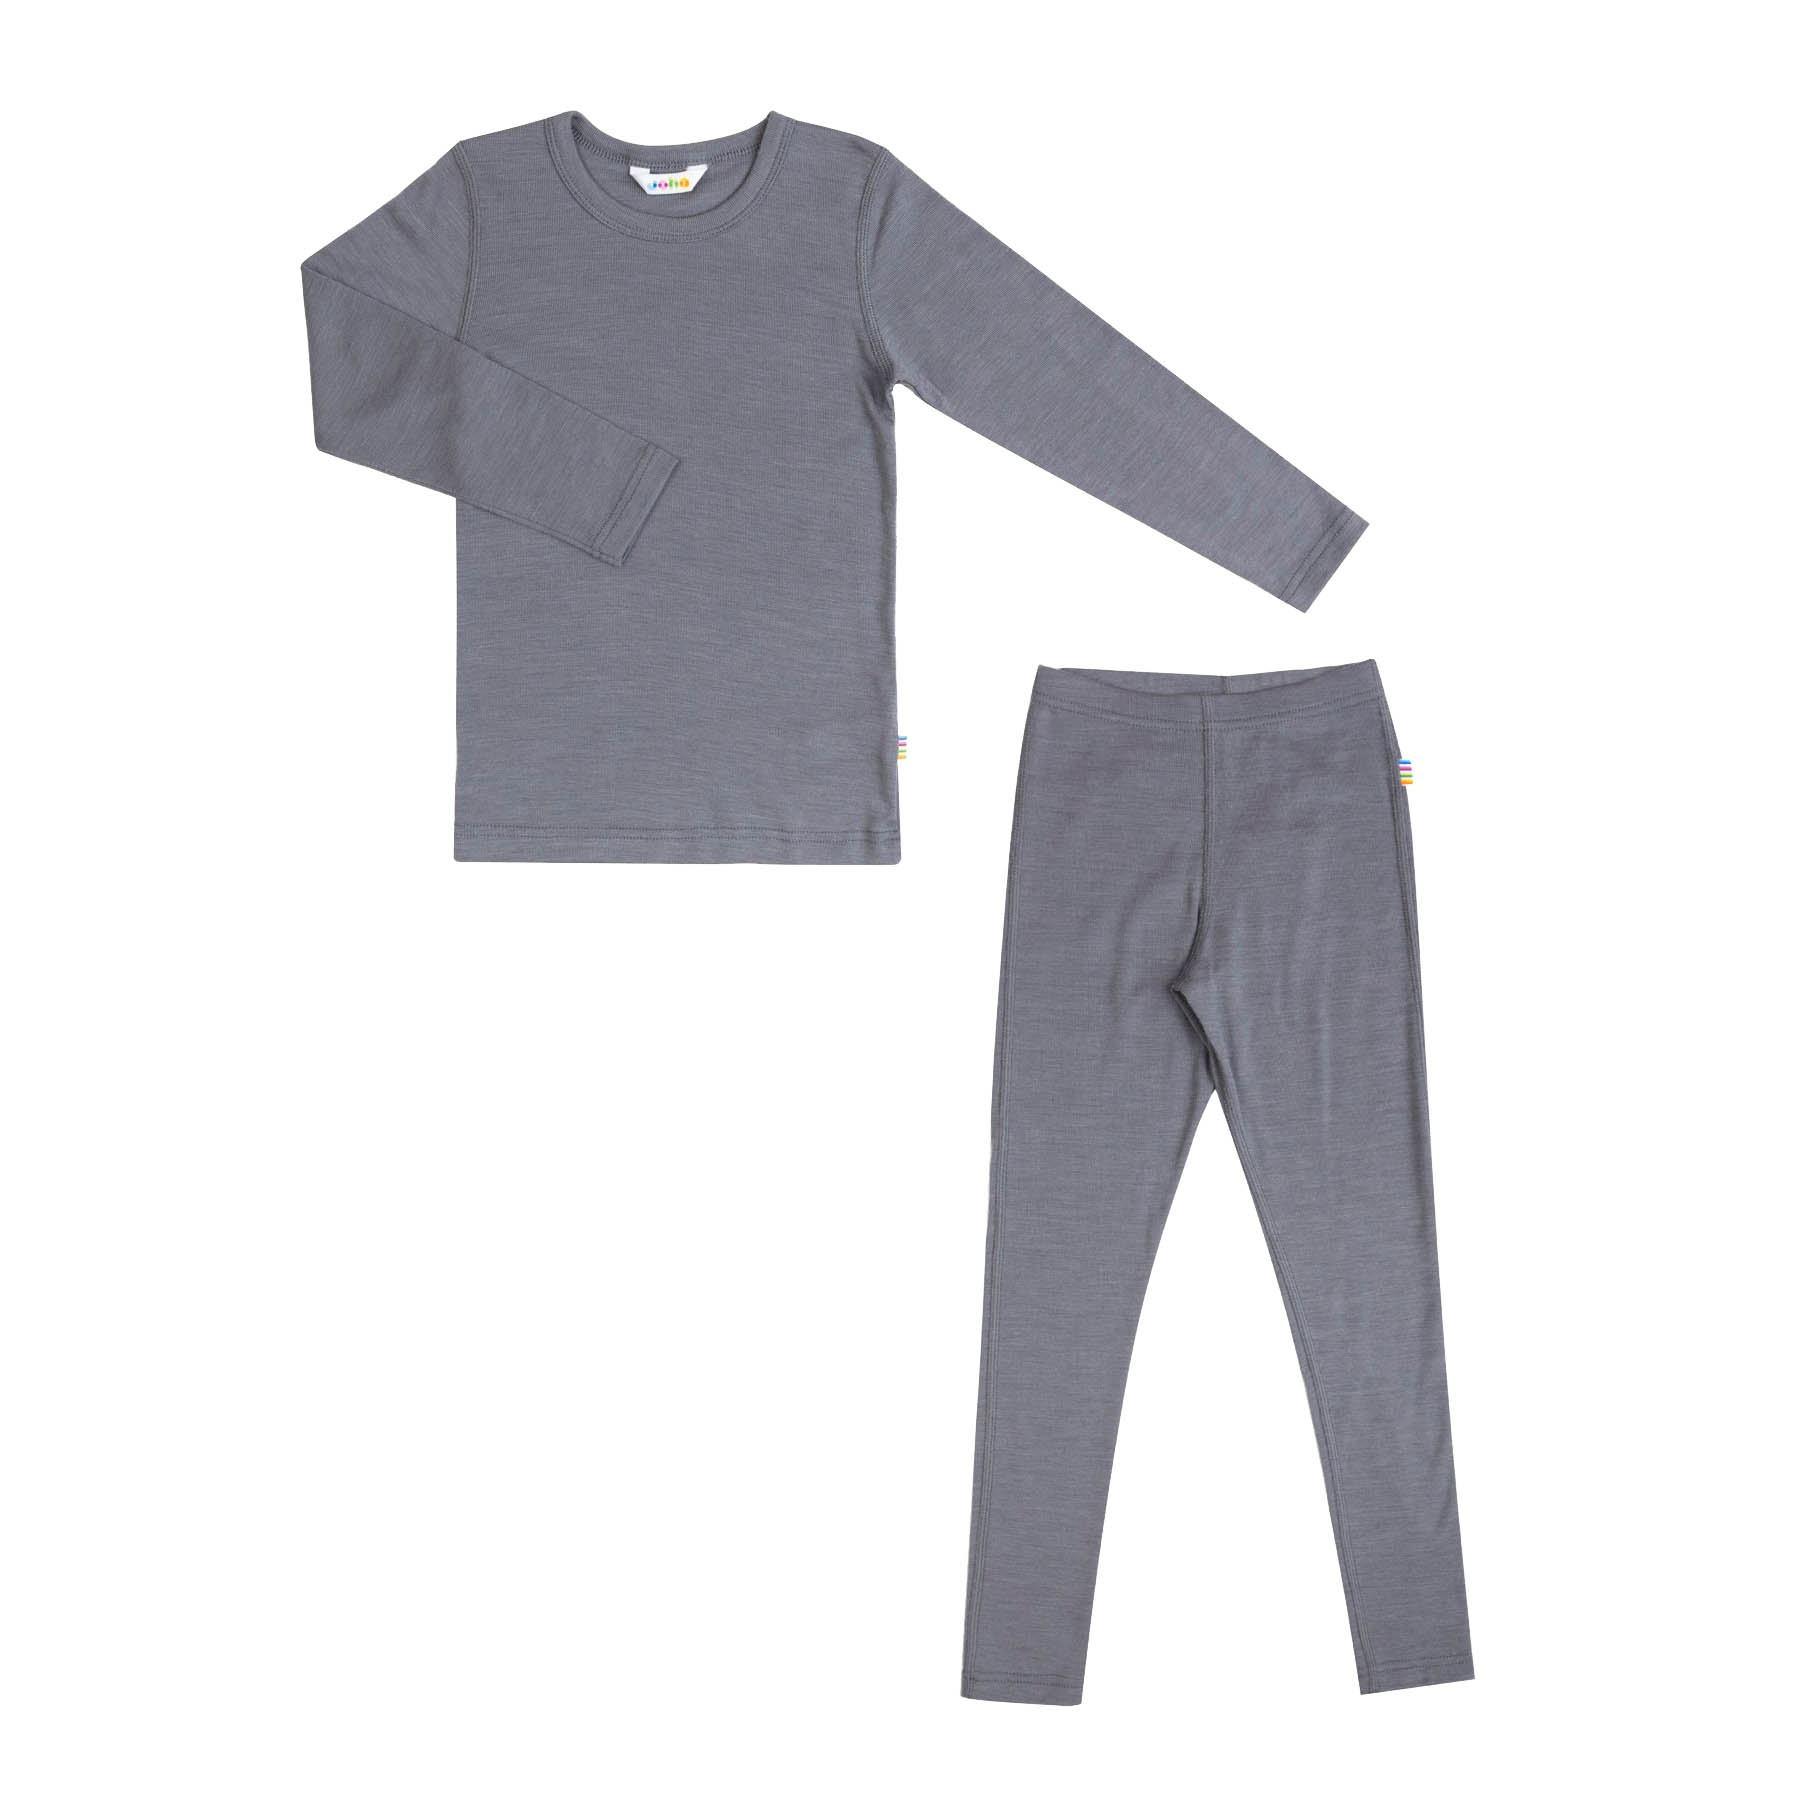 131f61739d65 Skiundertøj til børn - Stort udvalg af merinould undertøj - Køb her